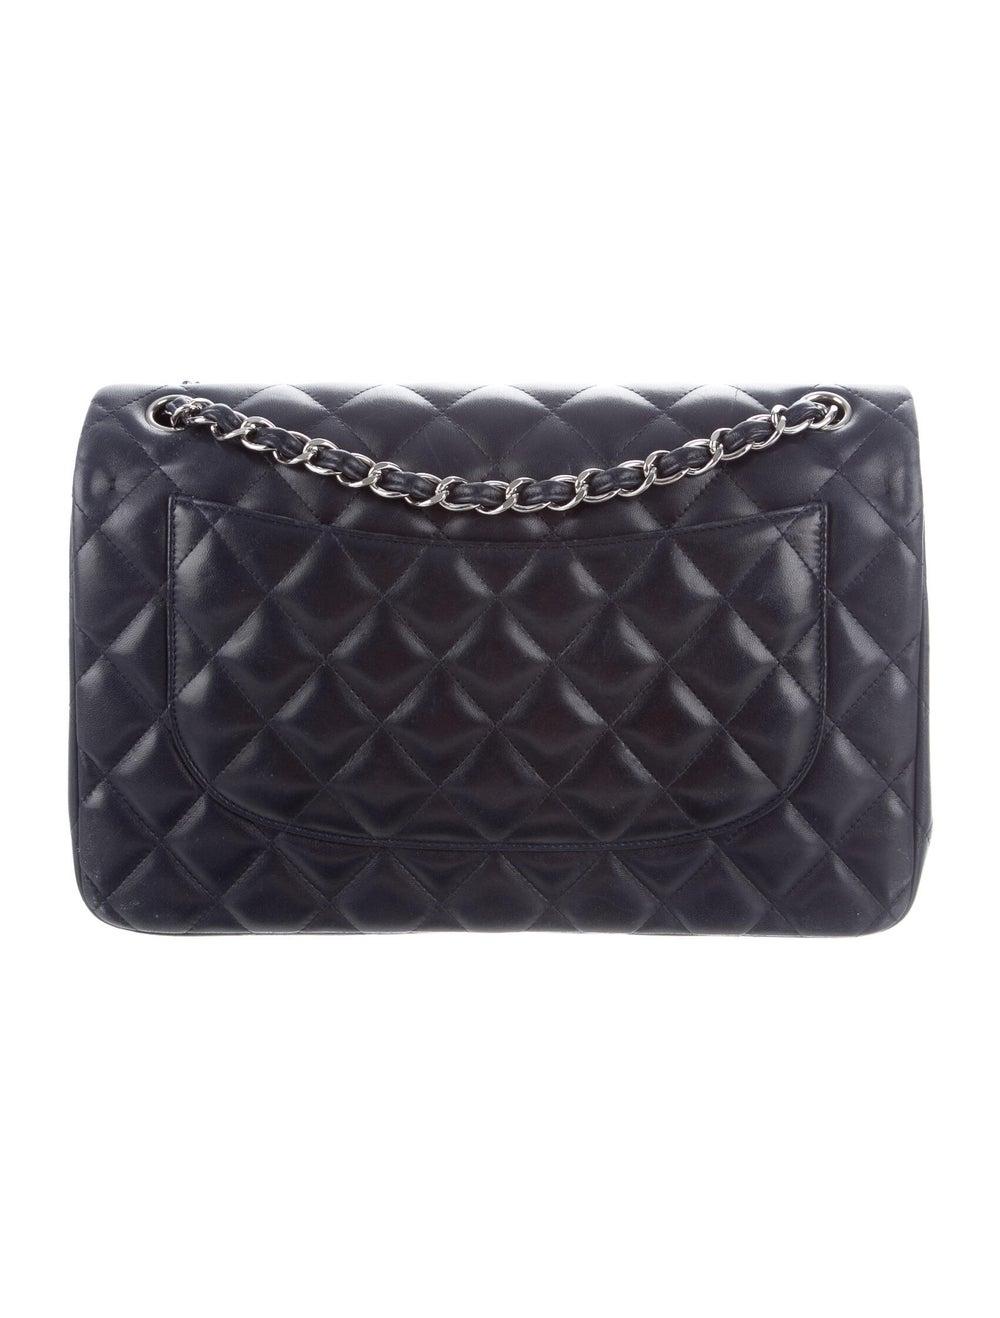 Chanel Classic Jumbo Double Flap Bag Navy - image 4